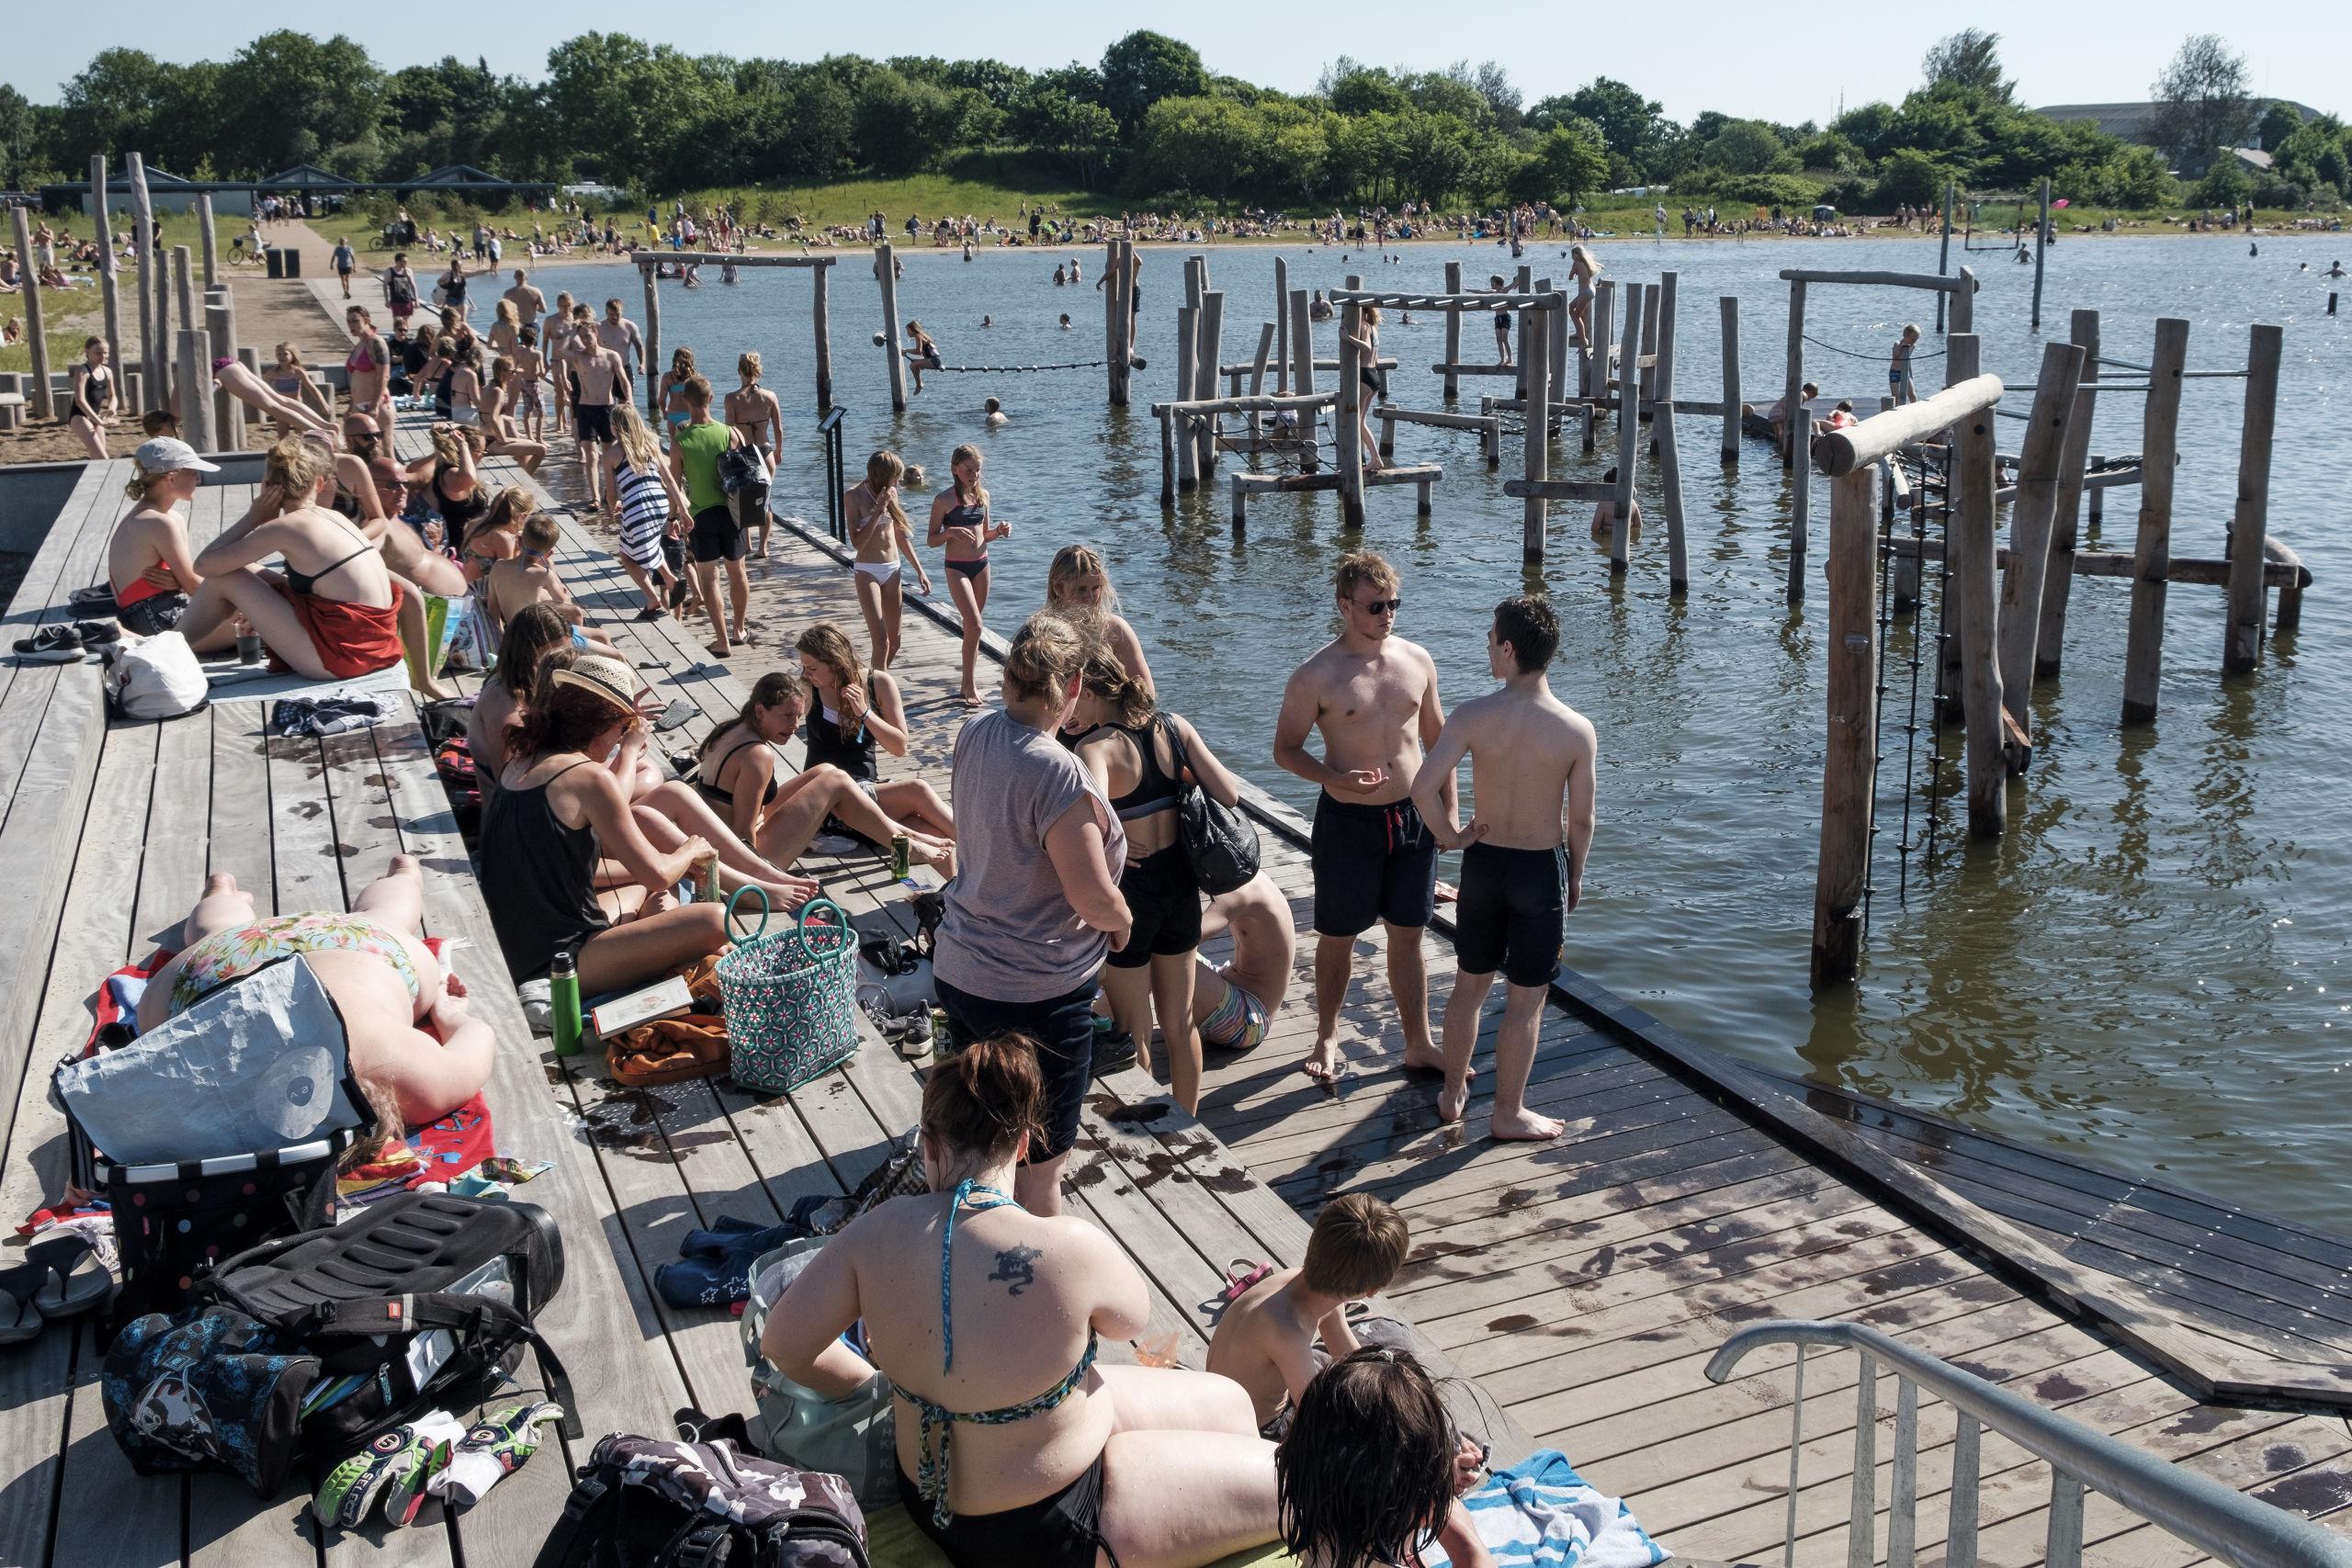 Sommeren i fjor var kort og godt en kanongod sommer med sol og varme i stride strømme. Det lønlige håb er nu, at vejrguderne også tilsmiler os med en lignende gave her i 2019. Arkivfoto: Lasse Sand